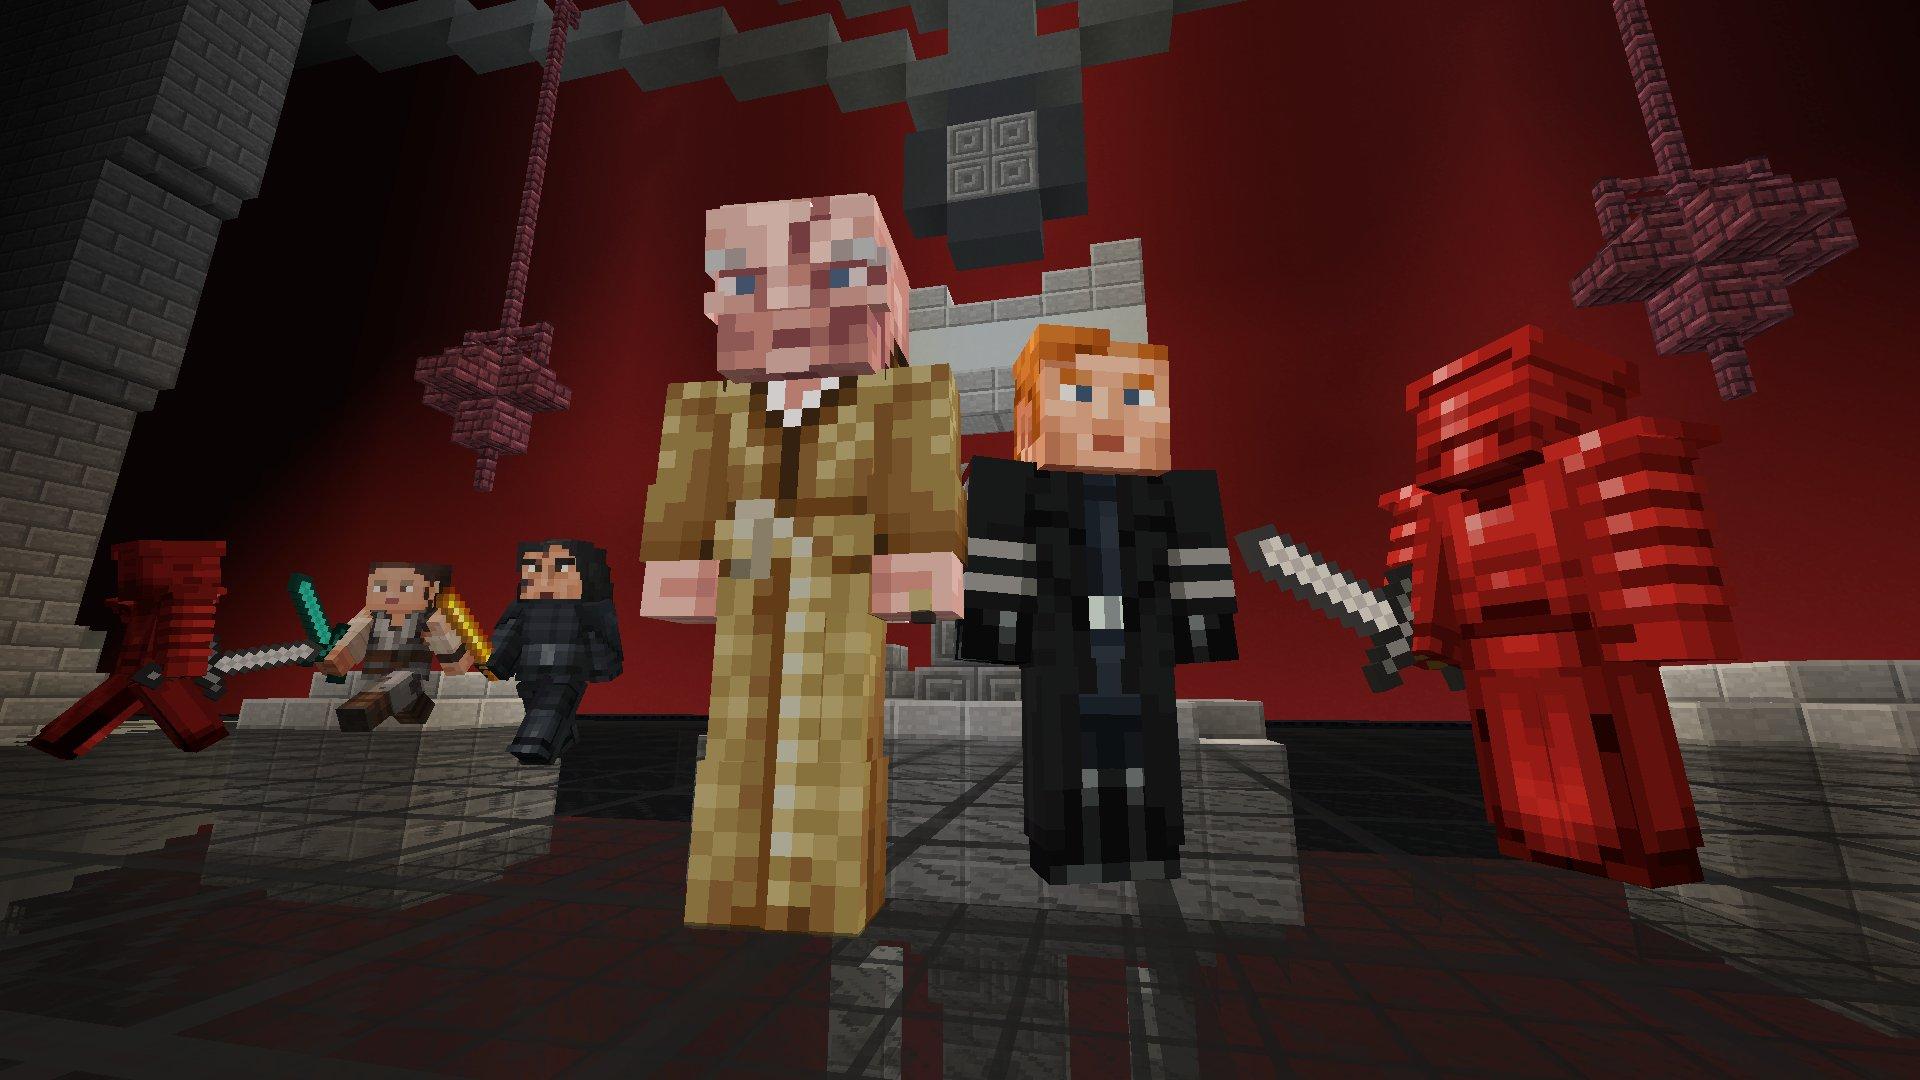 Minecraft Bilder Spieletipps - Minecraft wii u spieletipps